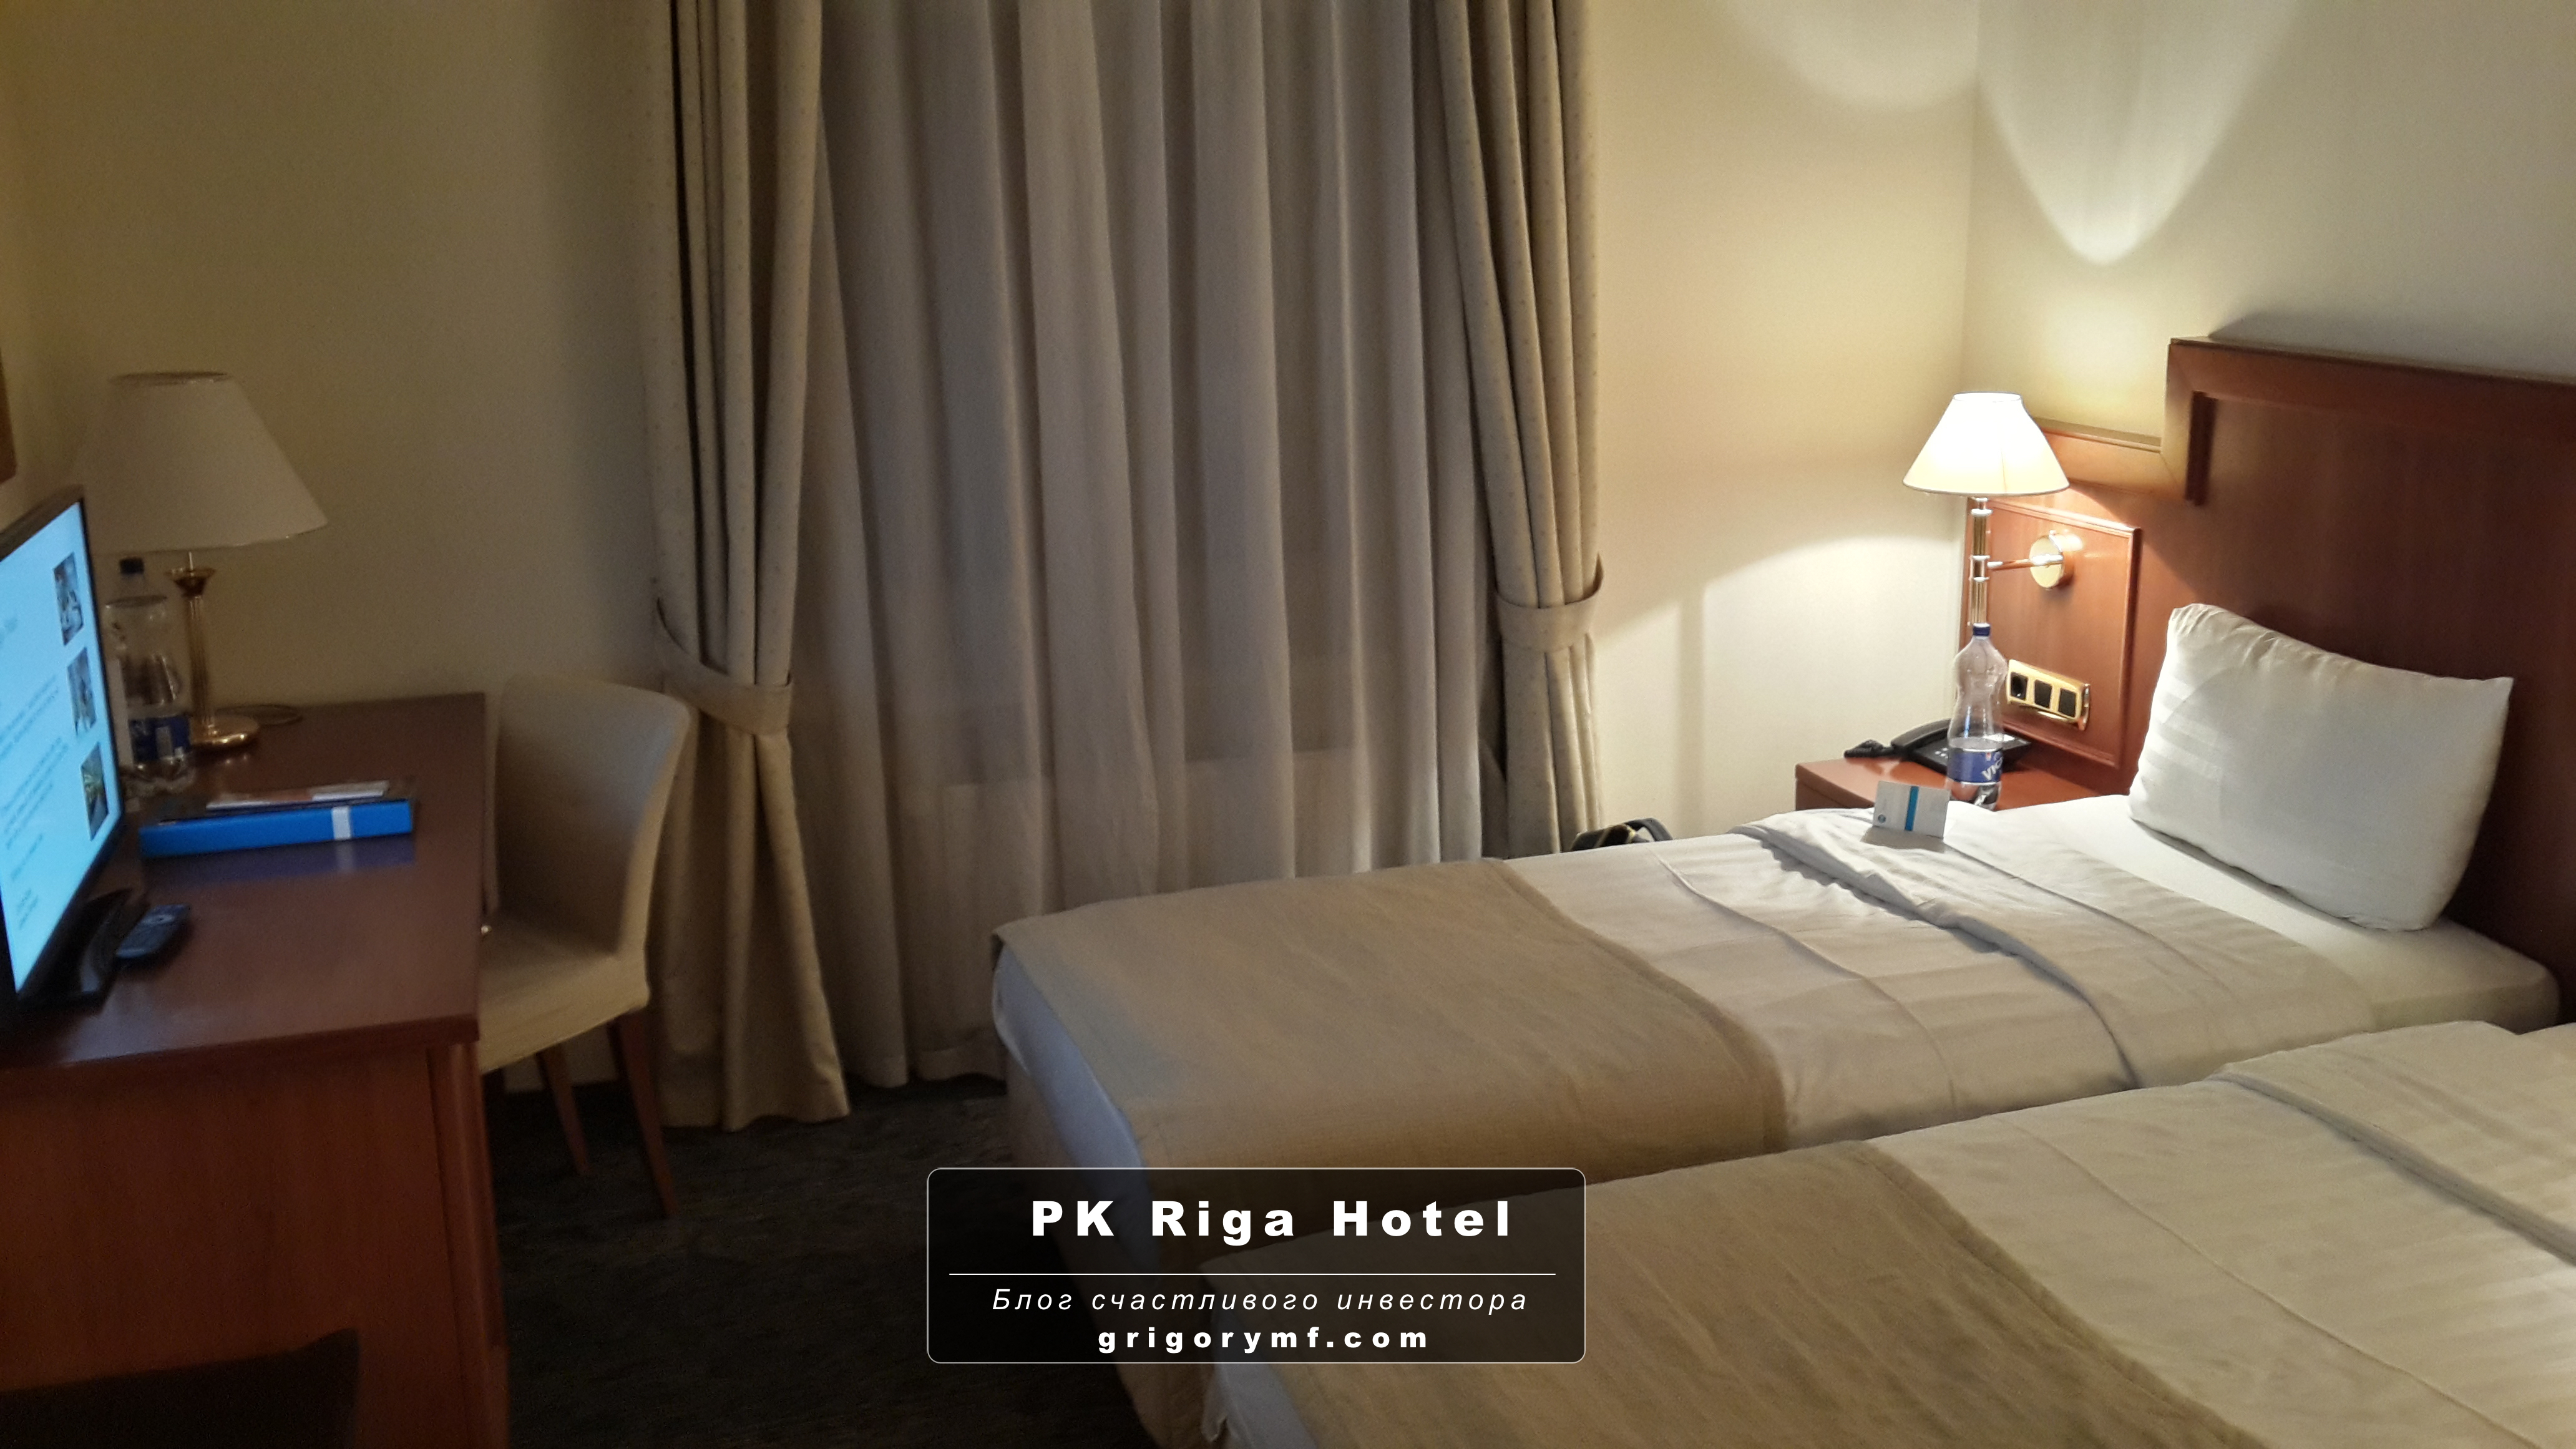 Отель PK Riga Hotel, отзывы, Рига, Латвия,